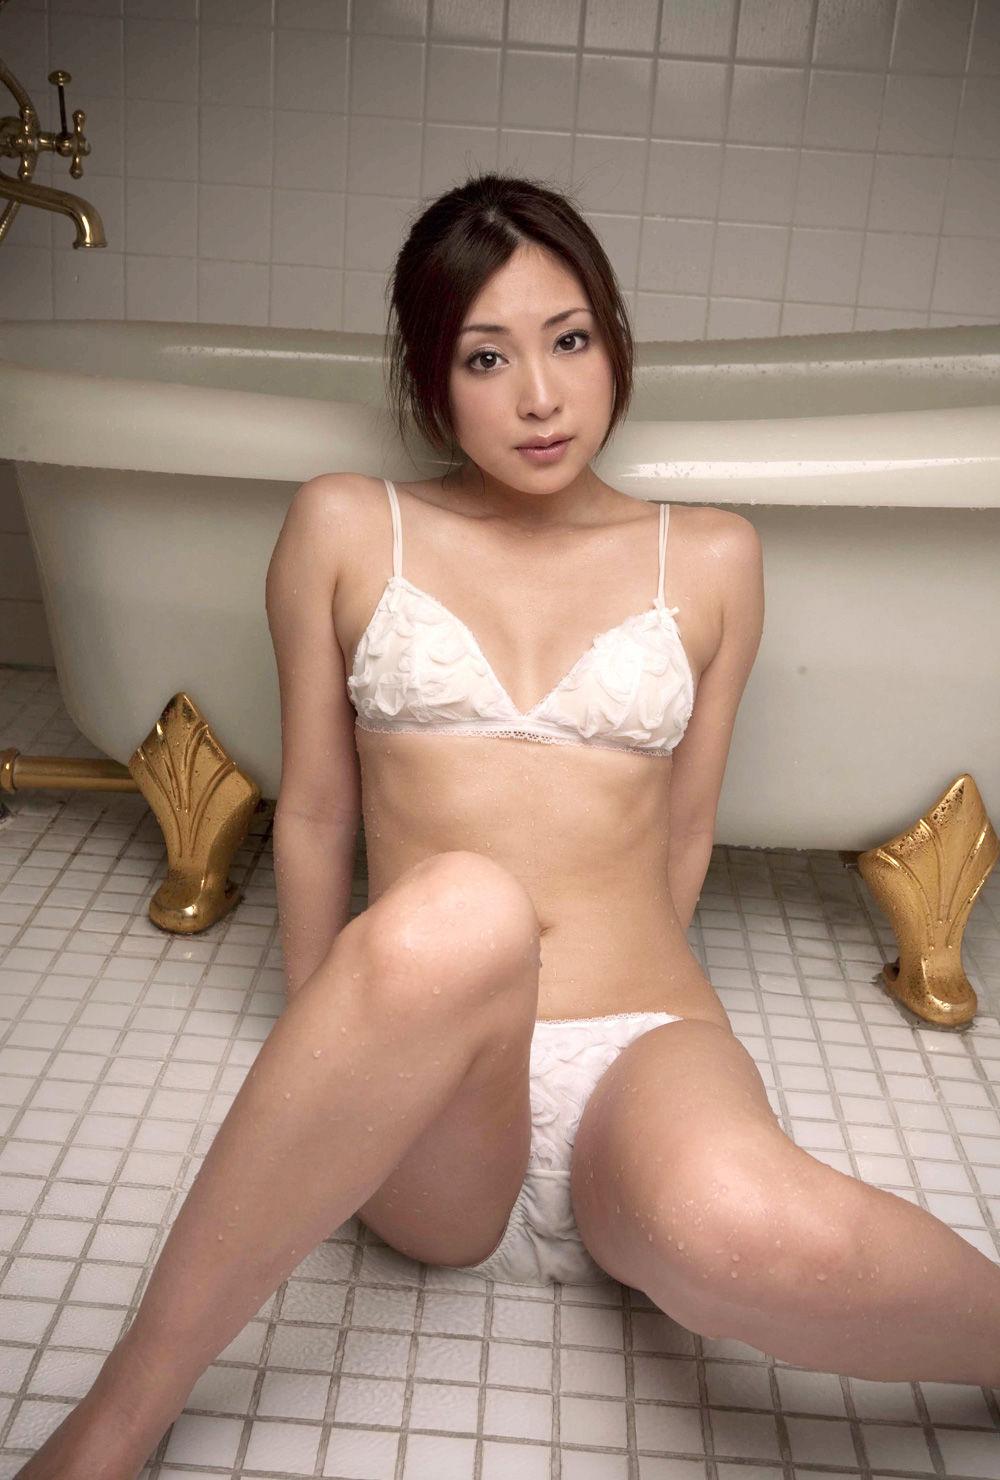 辰巳奈都子 画像 掲示板 50